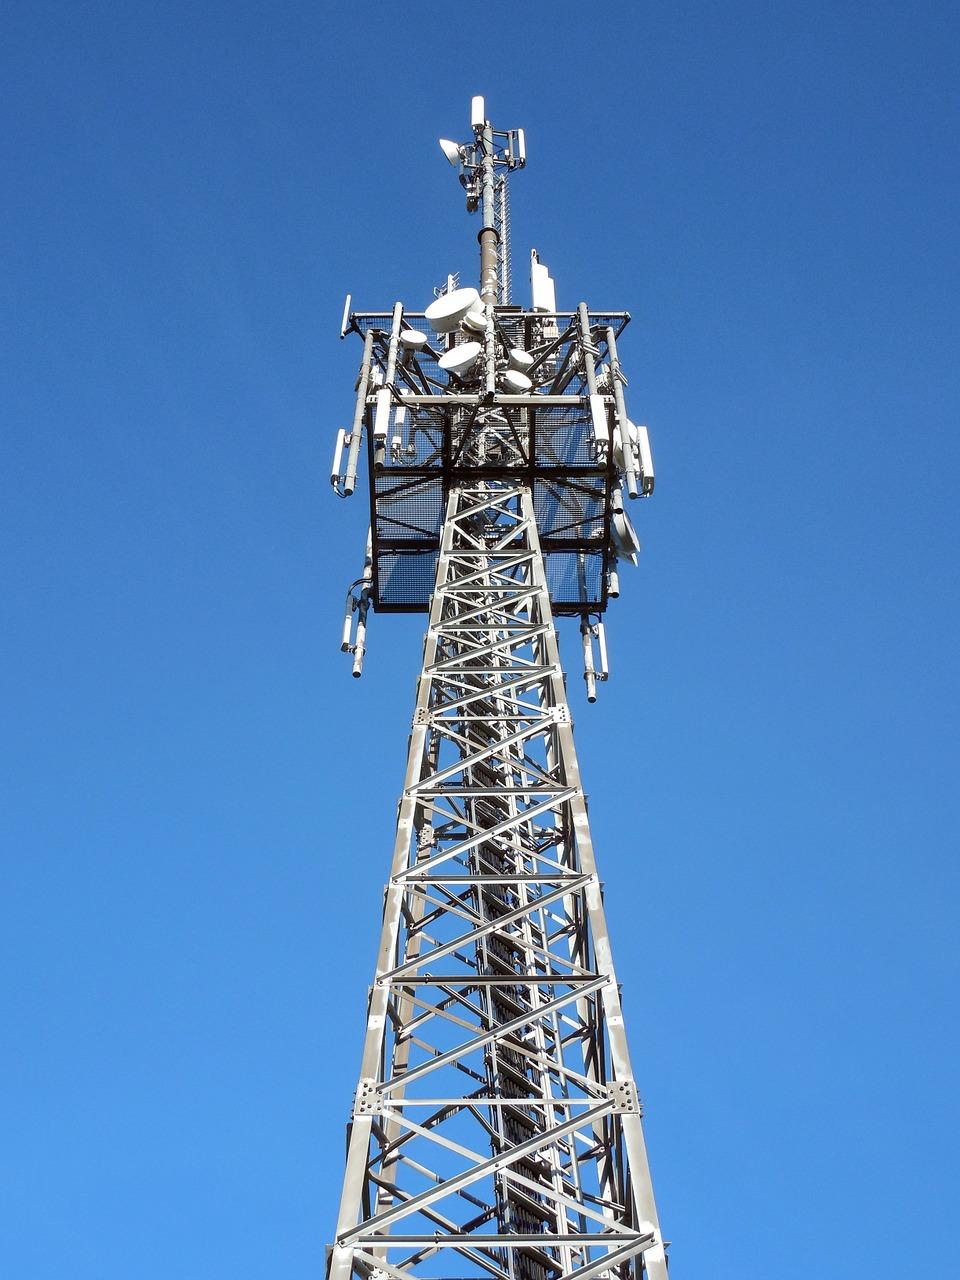 Mast Towers & Overhead Lines